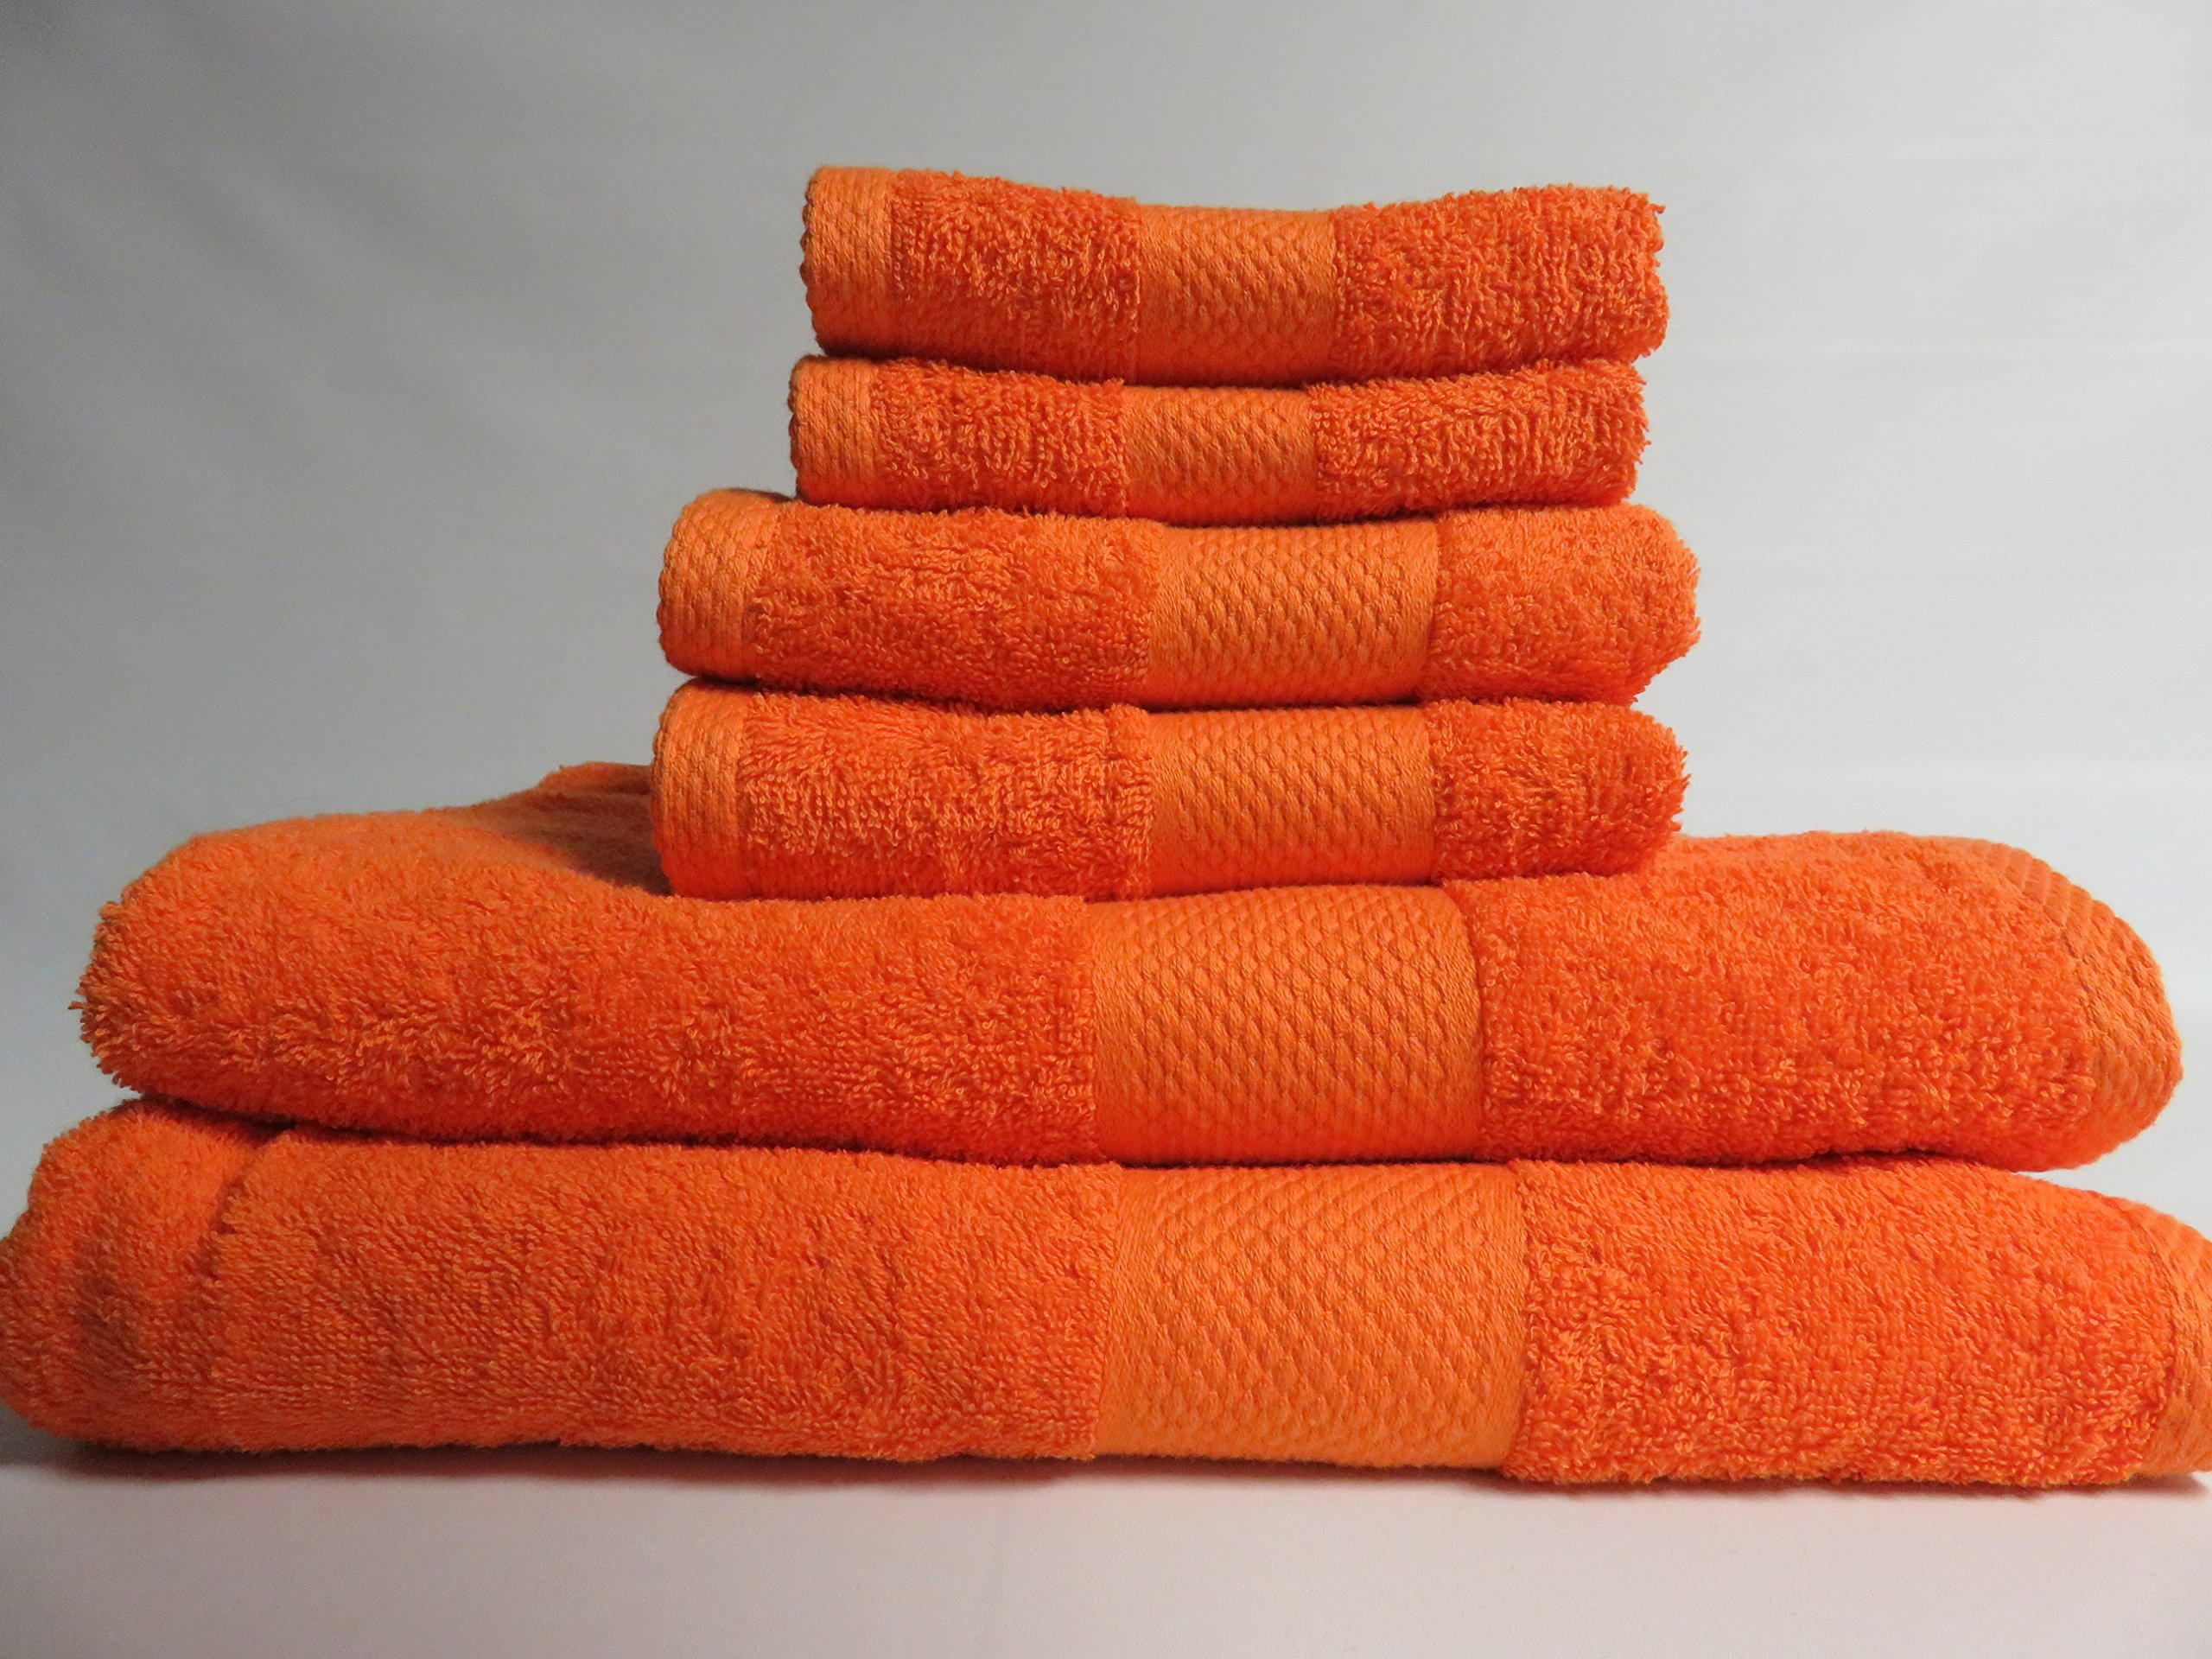 Lantrix SOFT 100% Natural COTTON 6 Piece TOWEL SET (ORANGE)